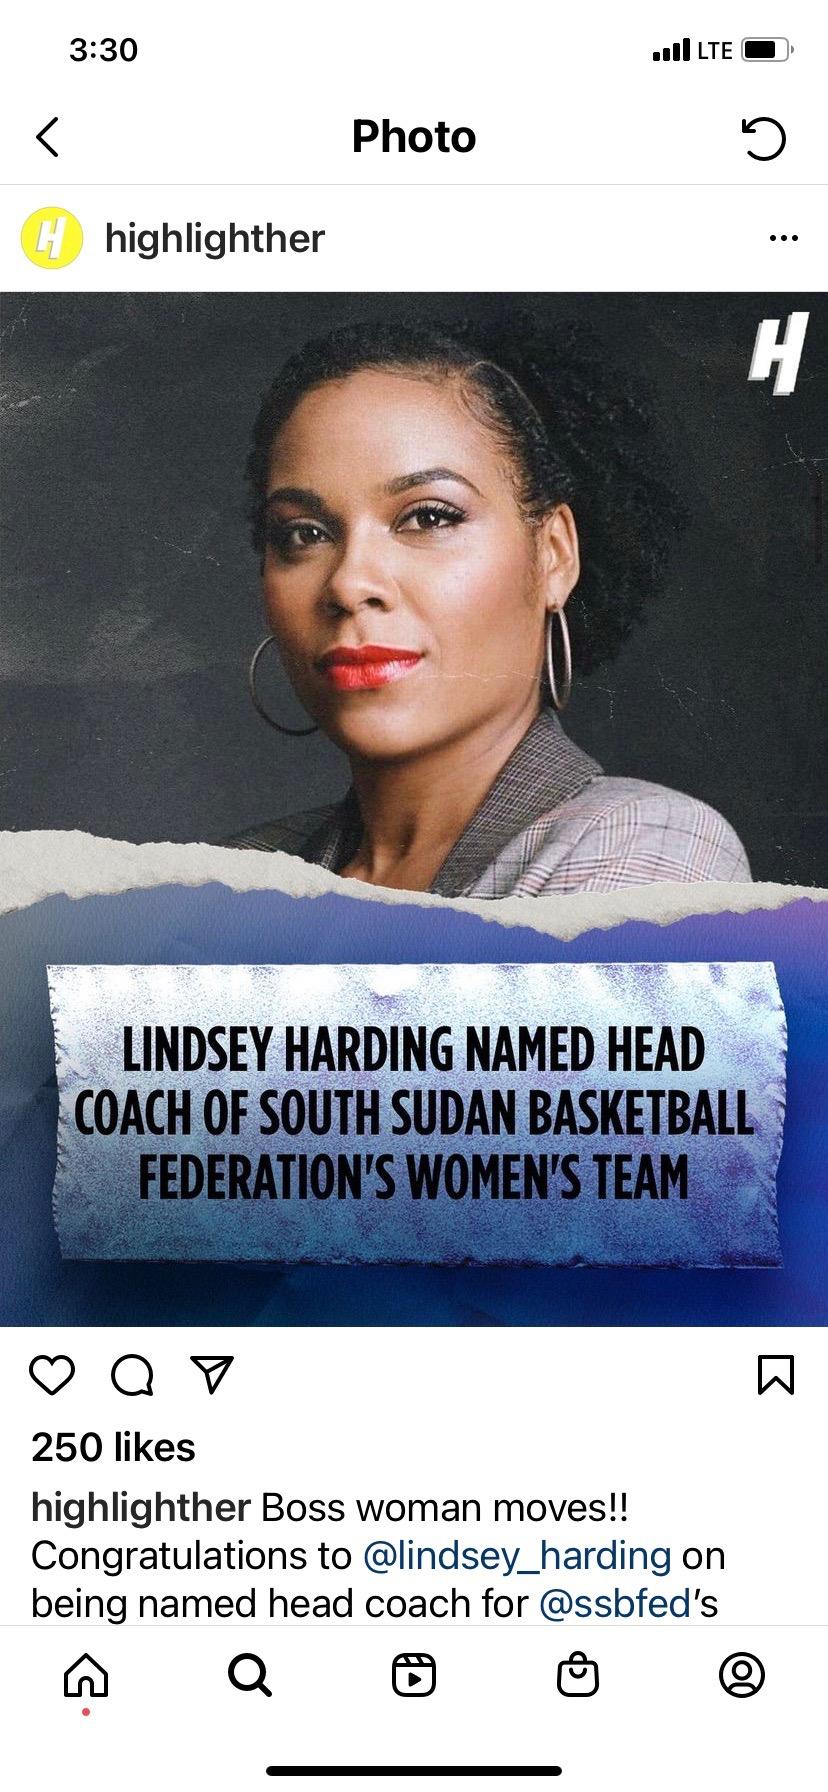 Lindsey Harding